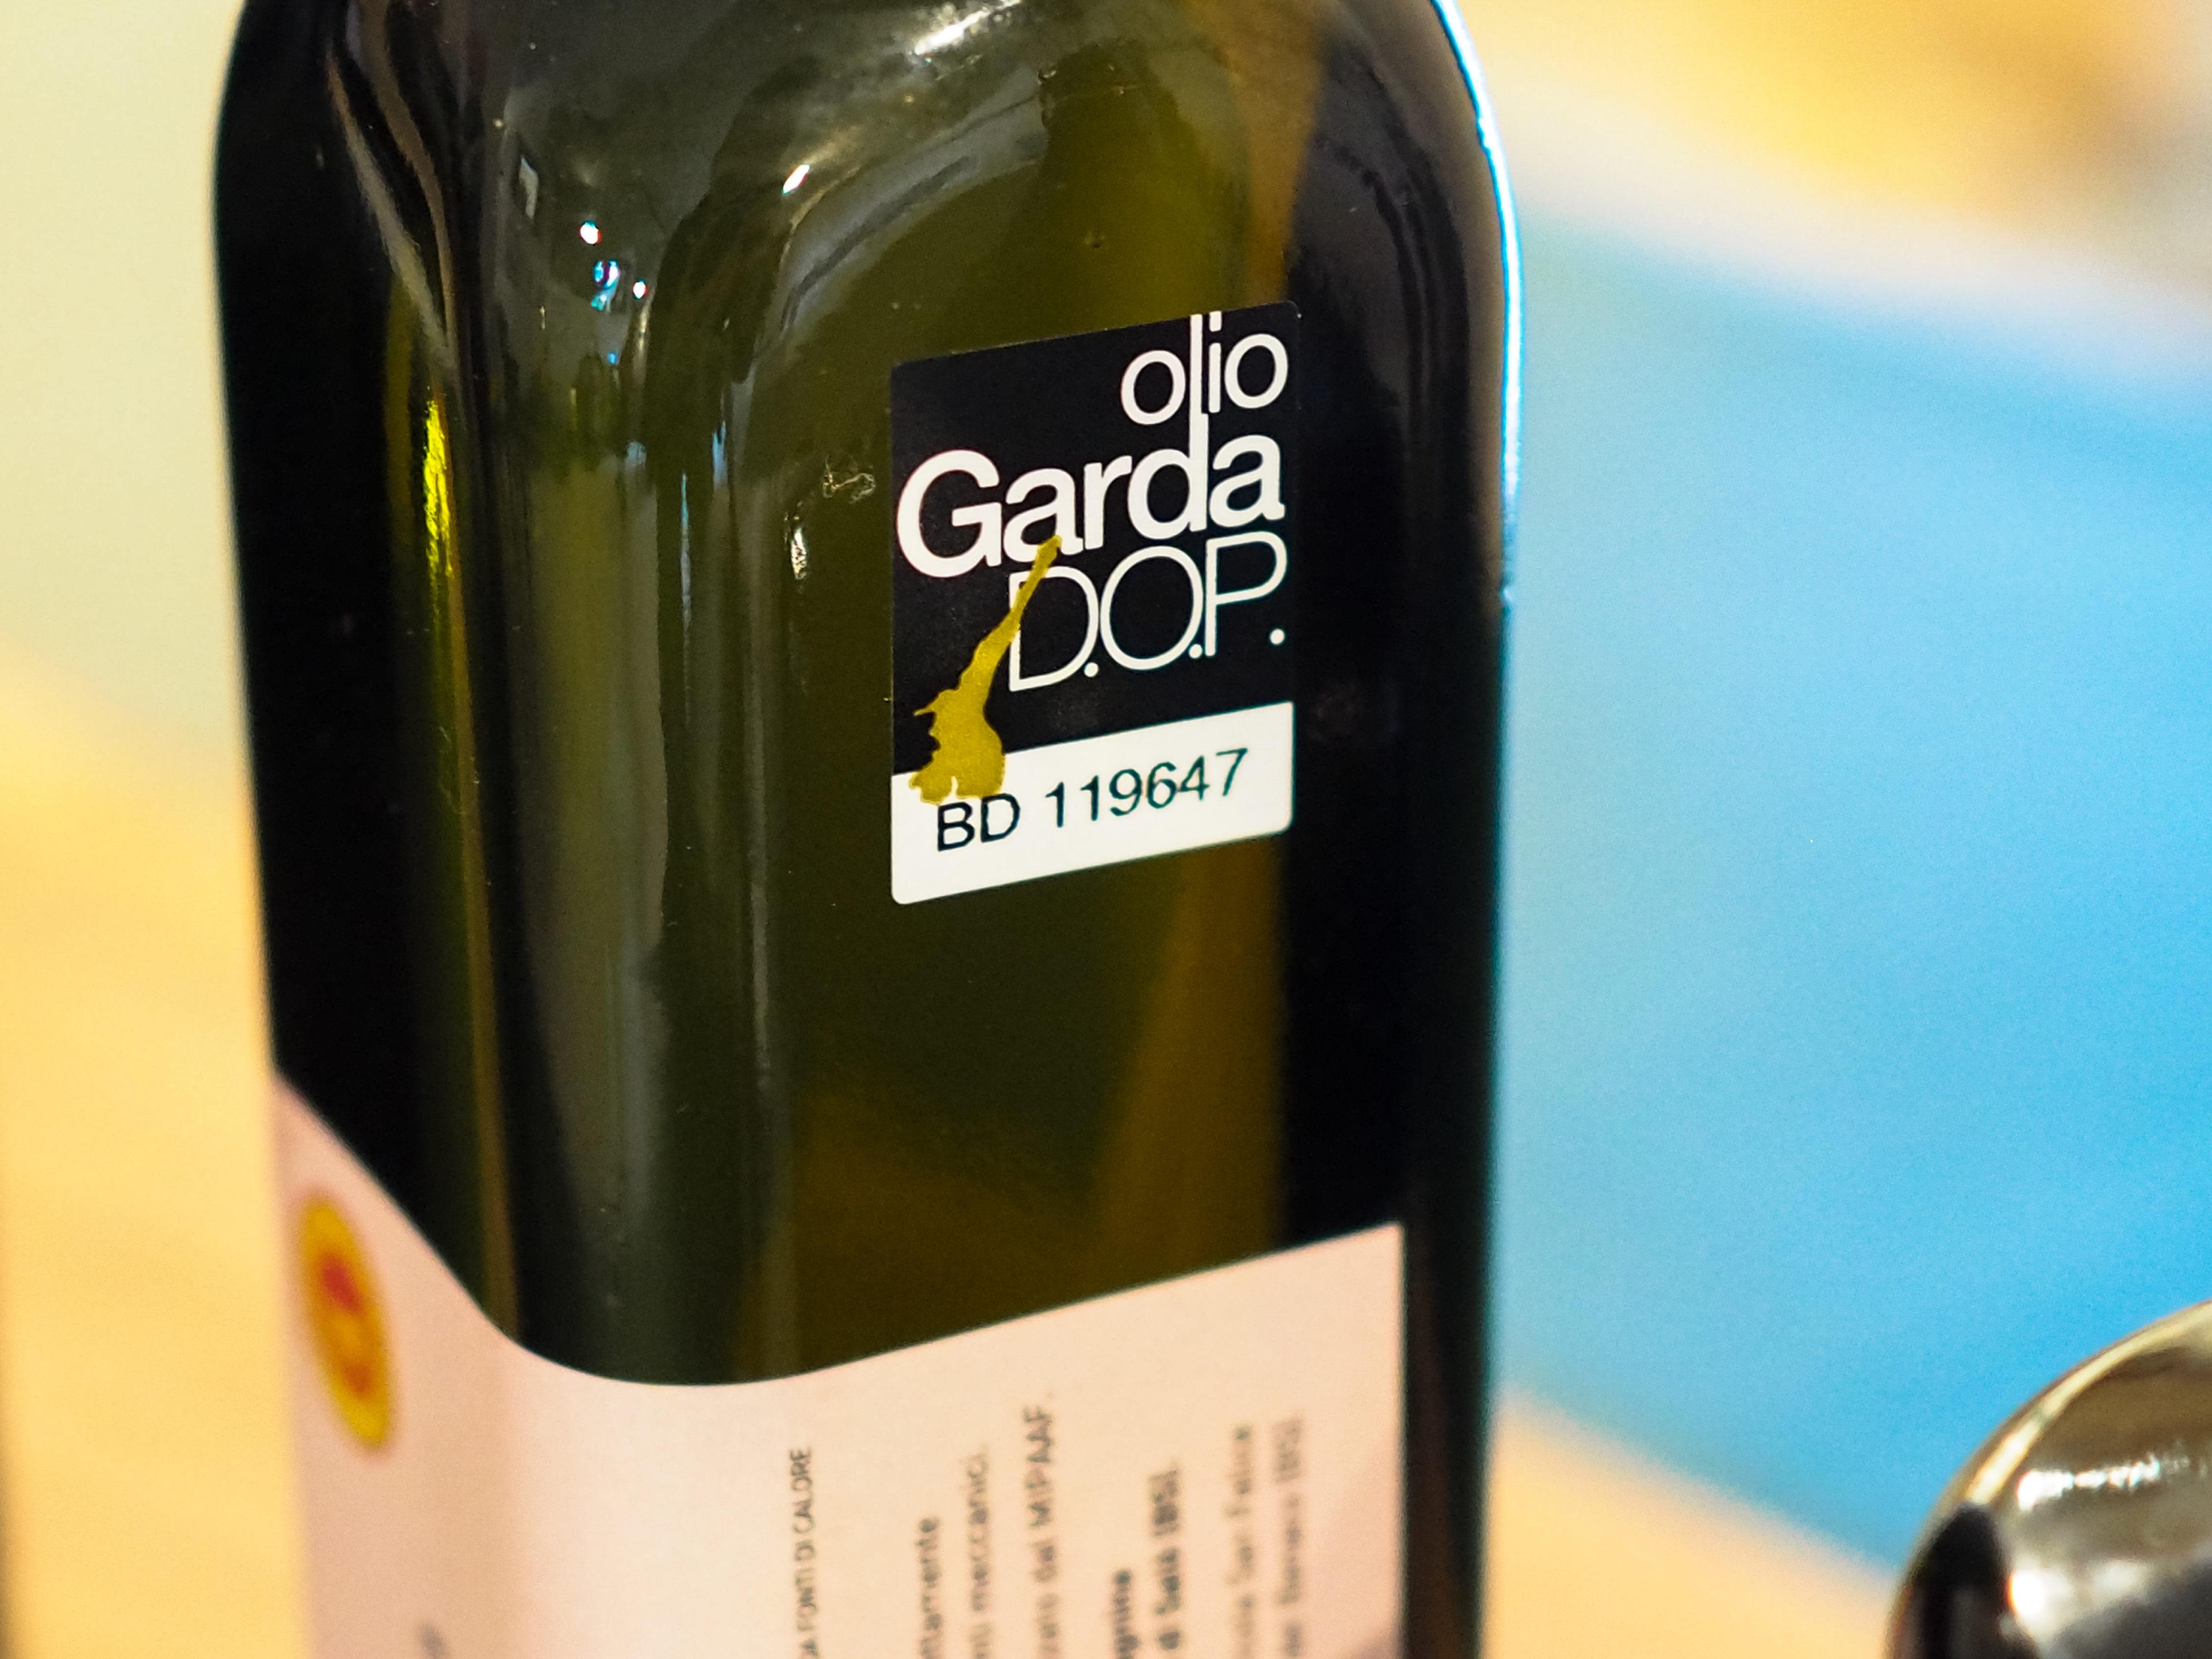 oro del garda premio 2018 veneto olio del veneto food magazine veneto cosa fare in veneto rebecchi articolo olio garda dop olio del garda cosa mangiare in veneto prodotti tipici veneto